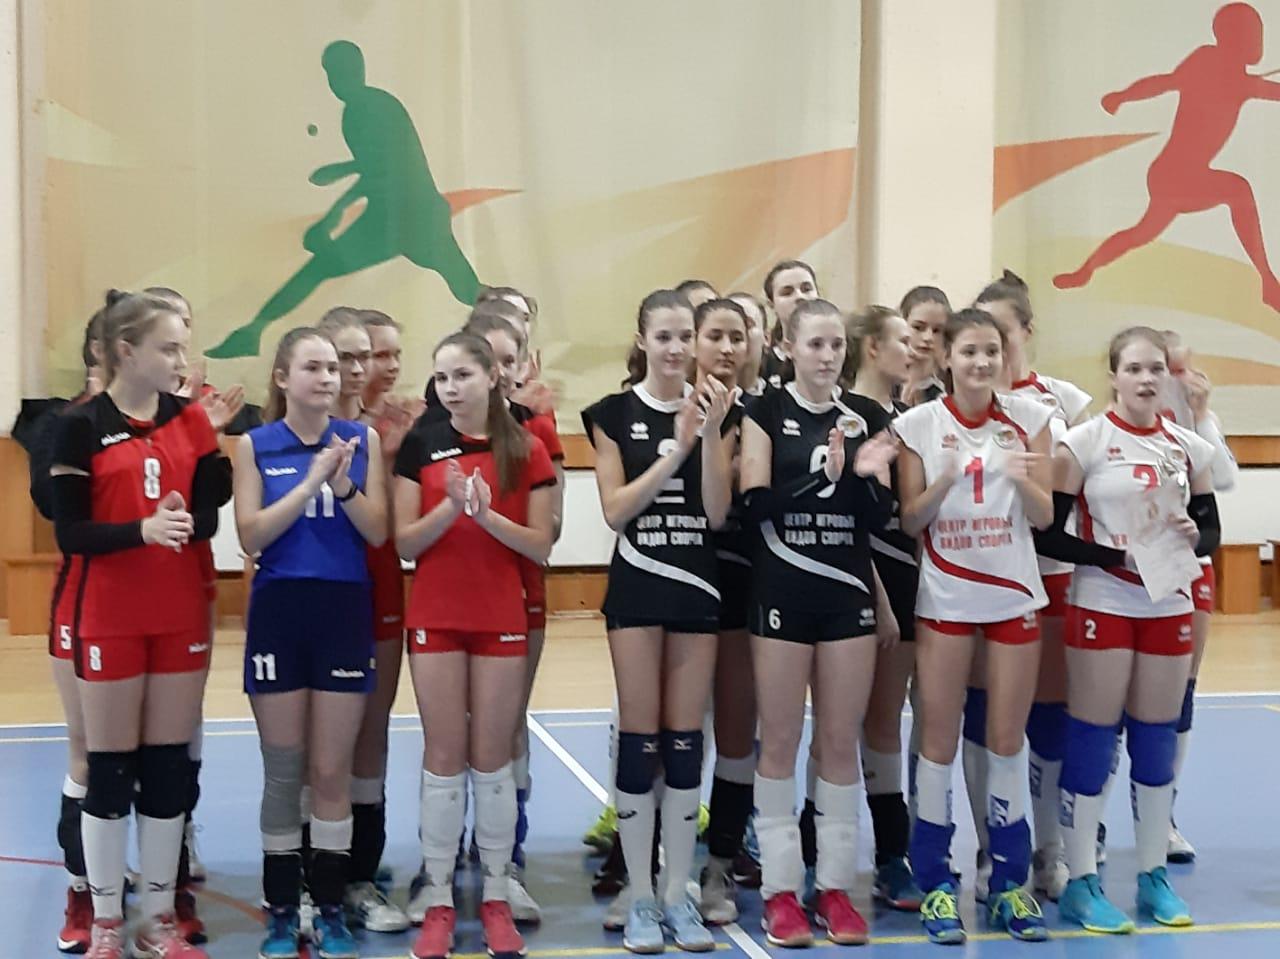 первенство города Новосибирска по волейболу среди команд девочек 2004-2005г.р.